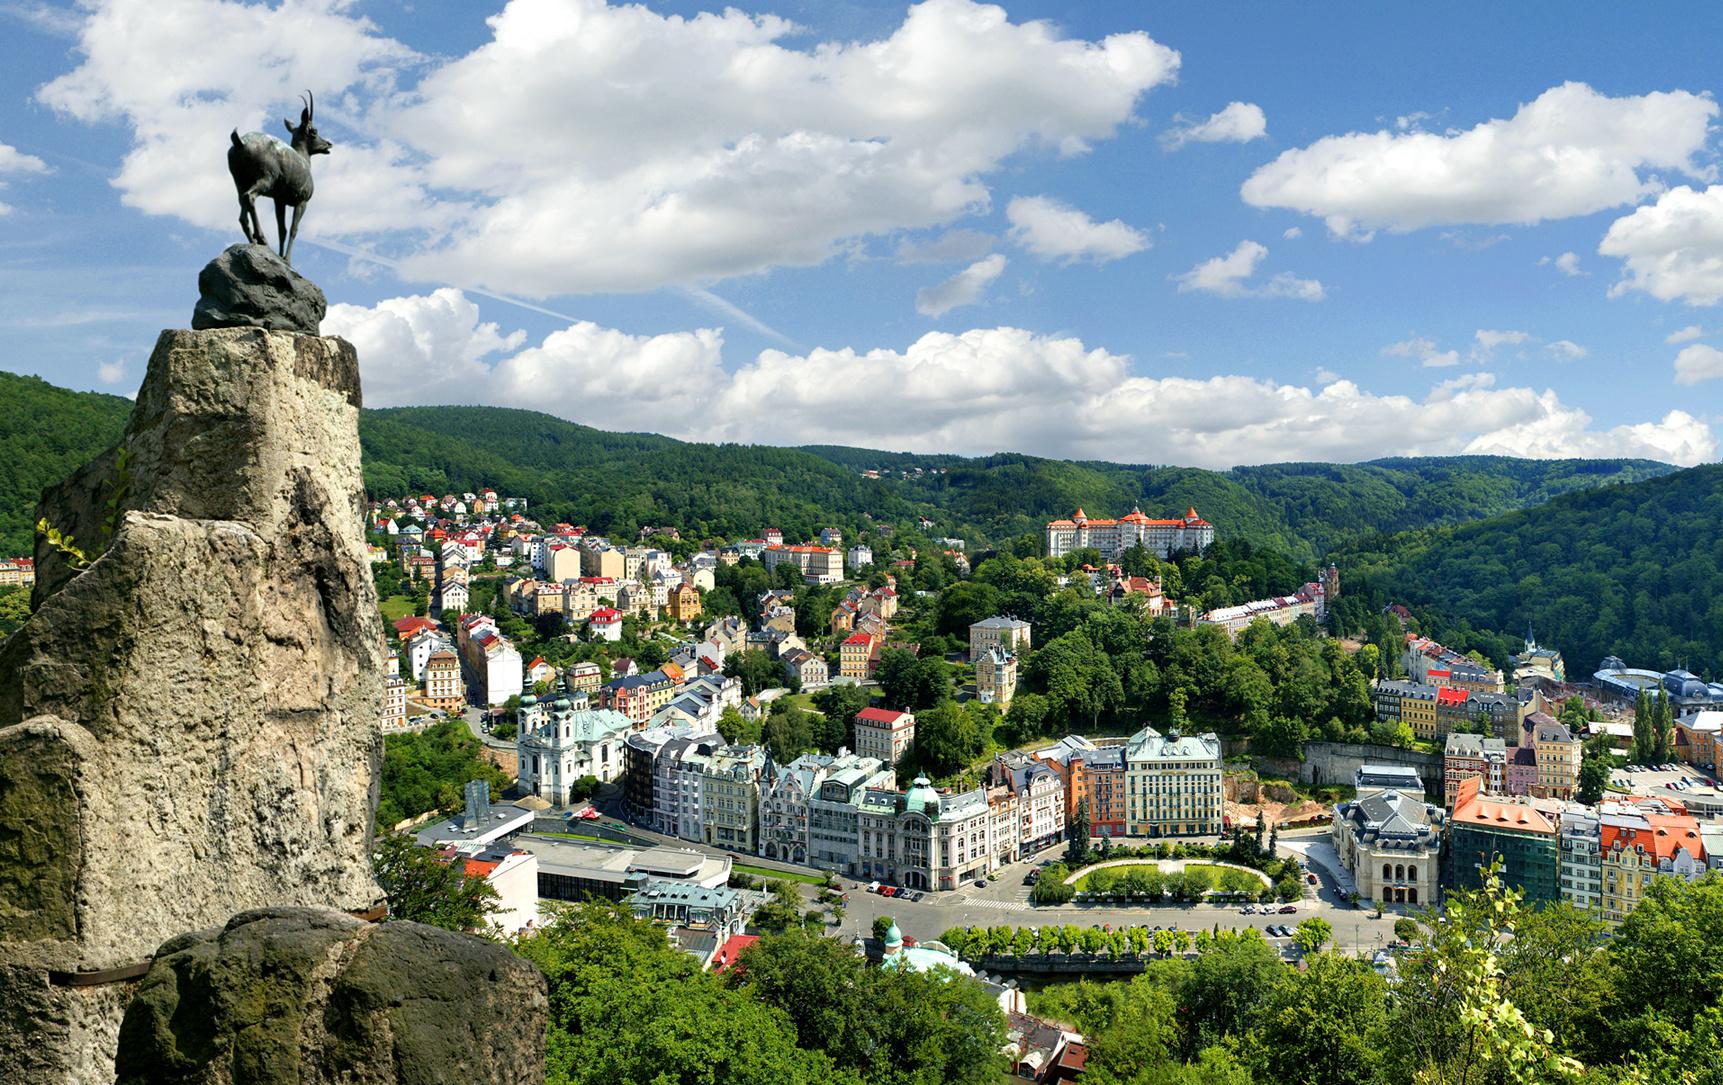 2015 Karlovy Vary